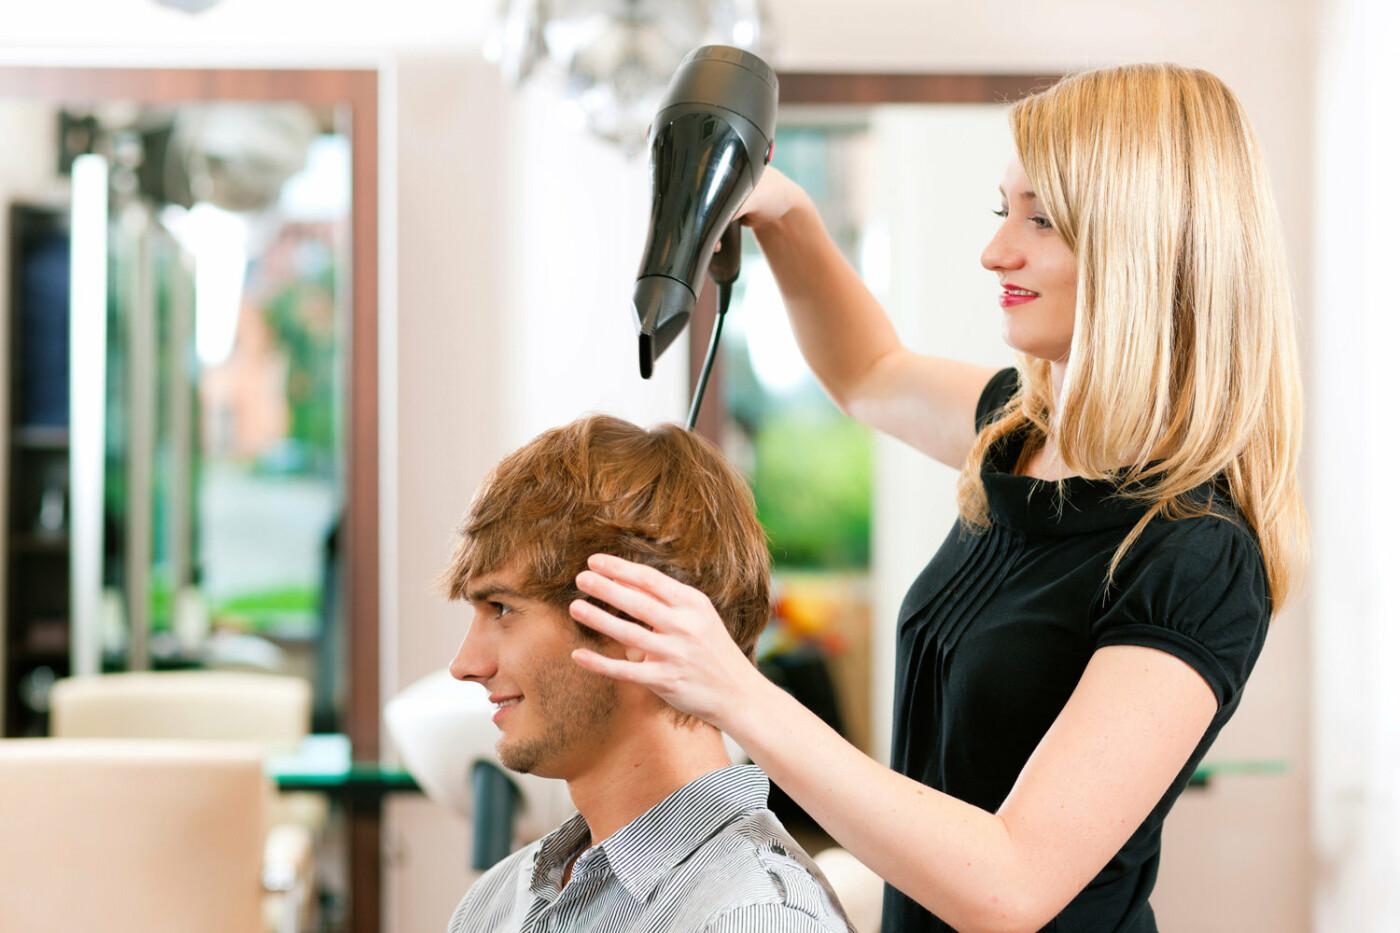 Парикмахер-универсал также сможет заработать 50000, если умеет мыть и делать массаж головы, модельные и простые стрижки, укладки - City11